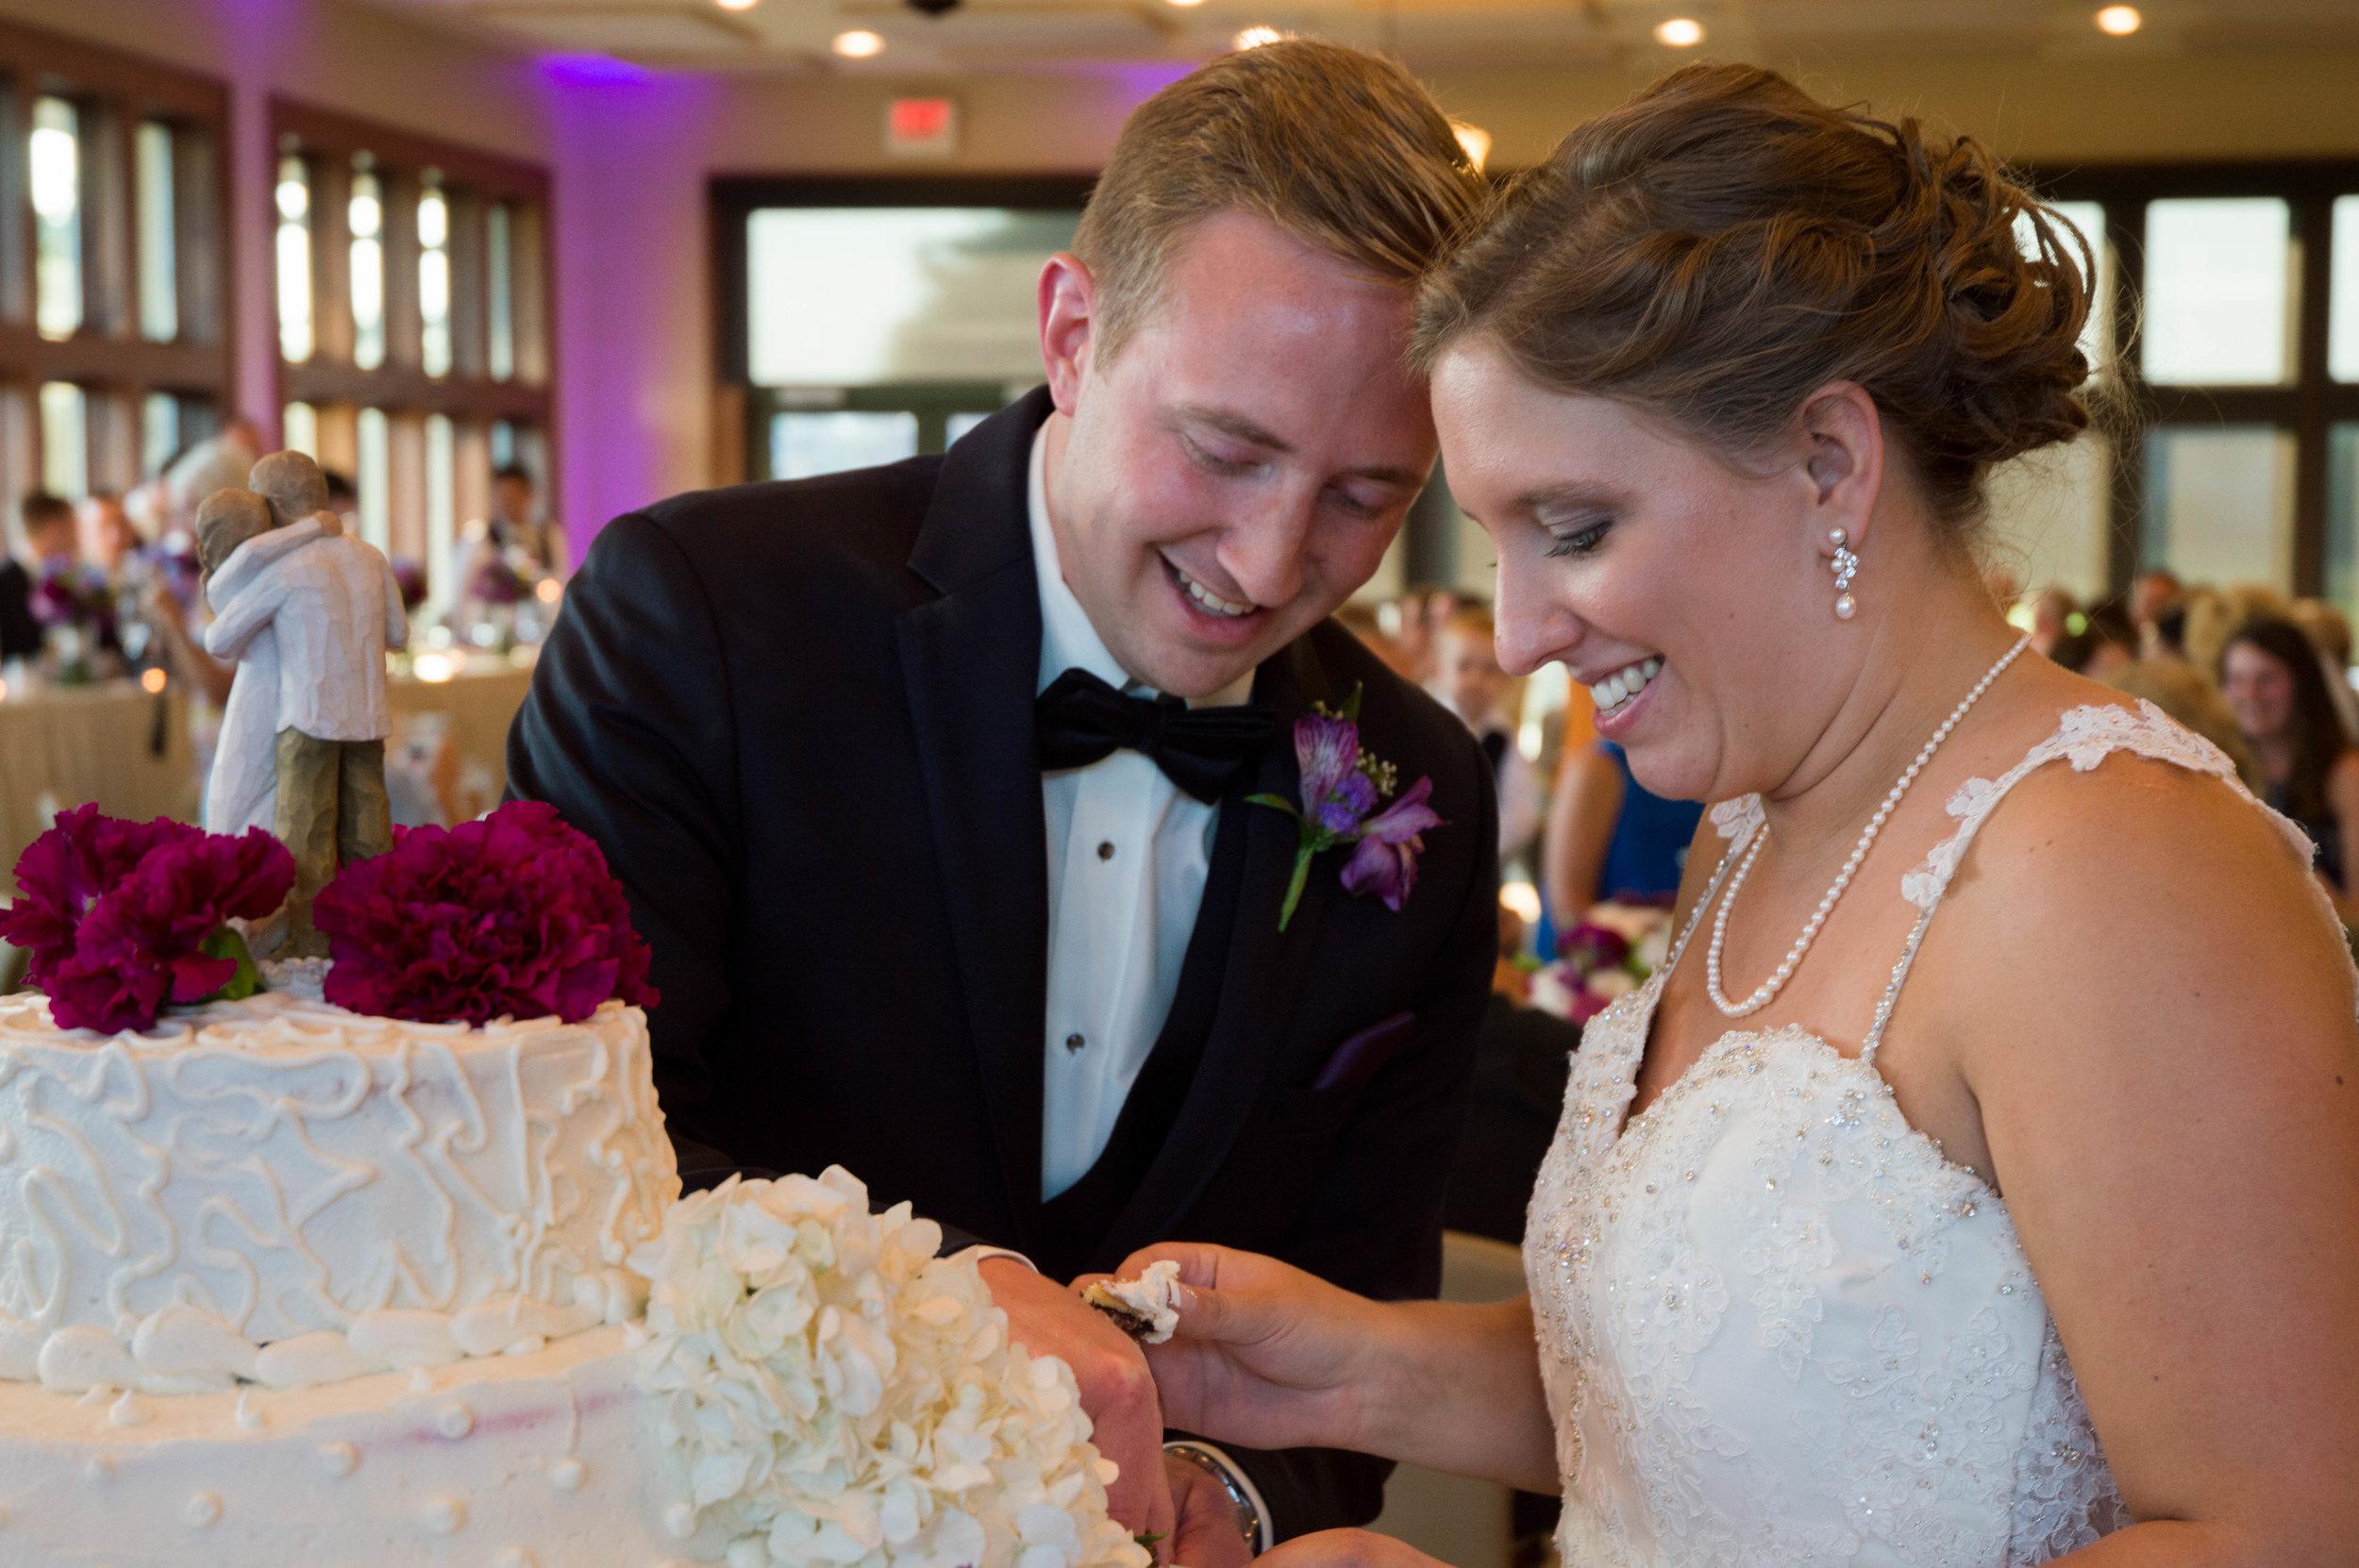 Wisconsin Wedding Photographer, The Legends in Hartland, Wisconsin Bride